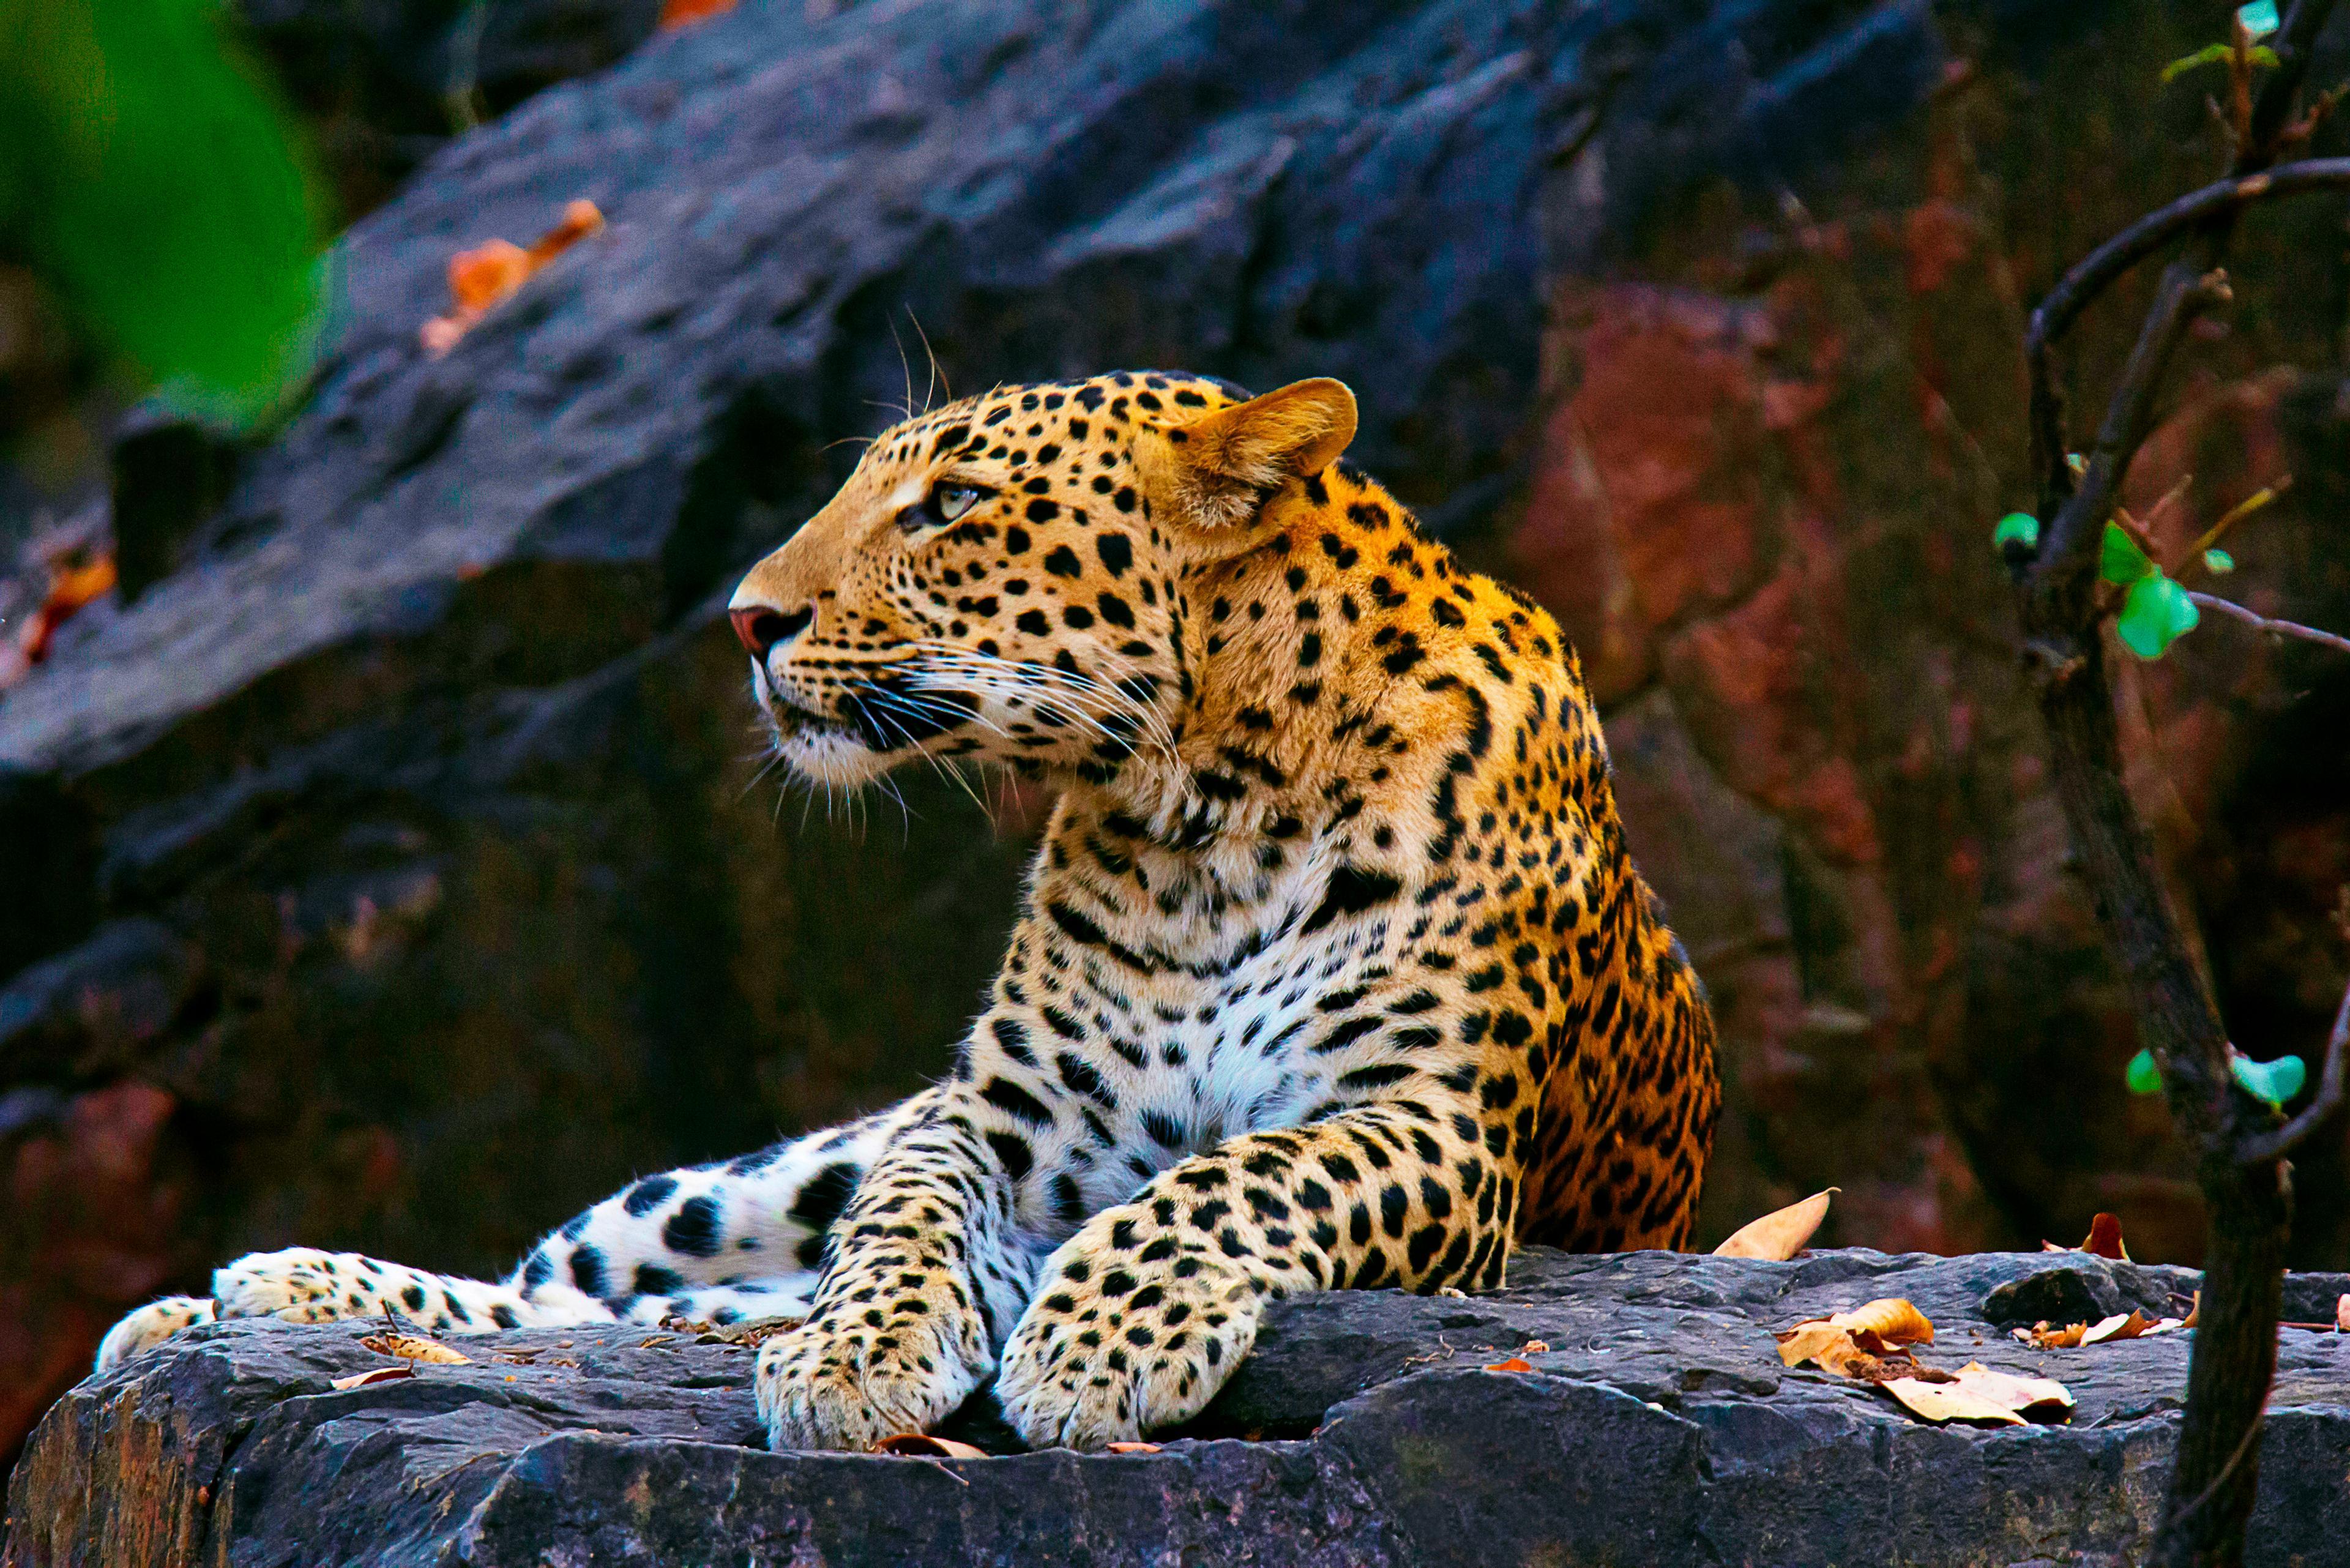 Un fotomodel a fost atacat și mușcat de cap de un leopard în timpul unei ședințe foto, în Germania